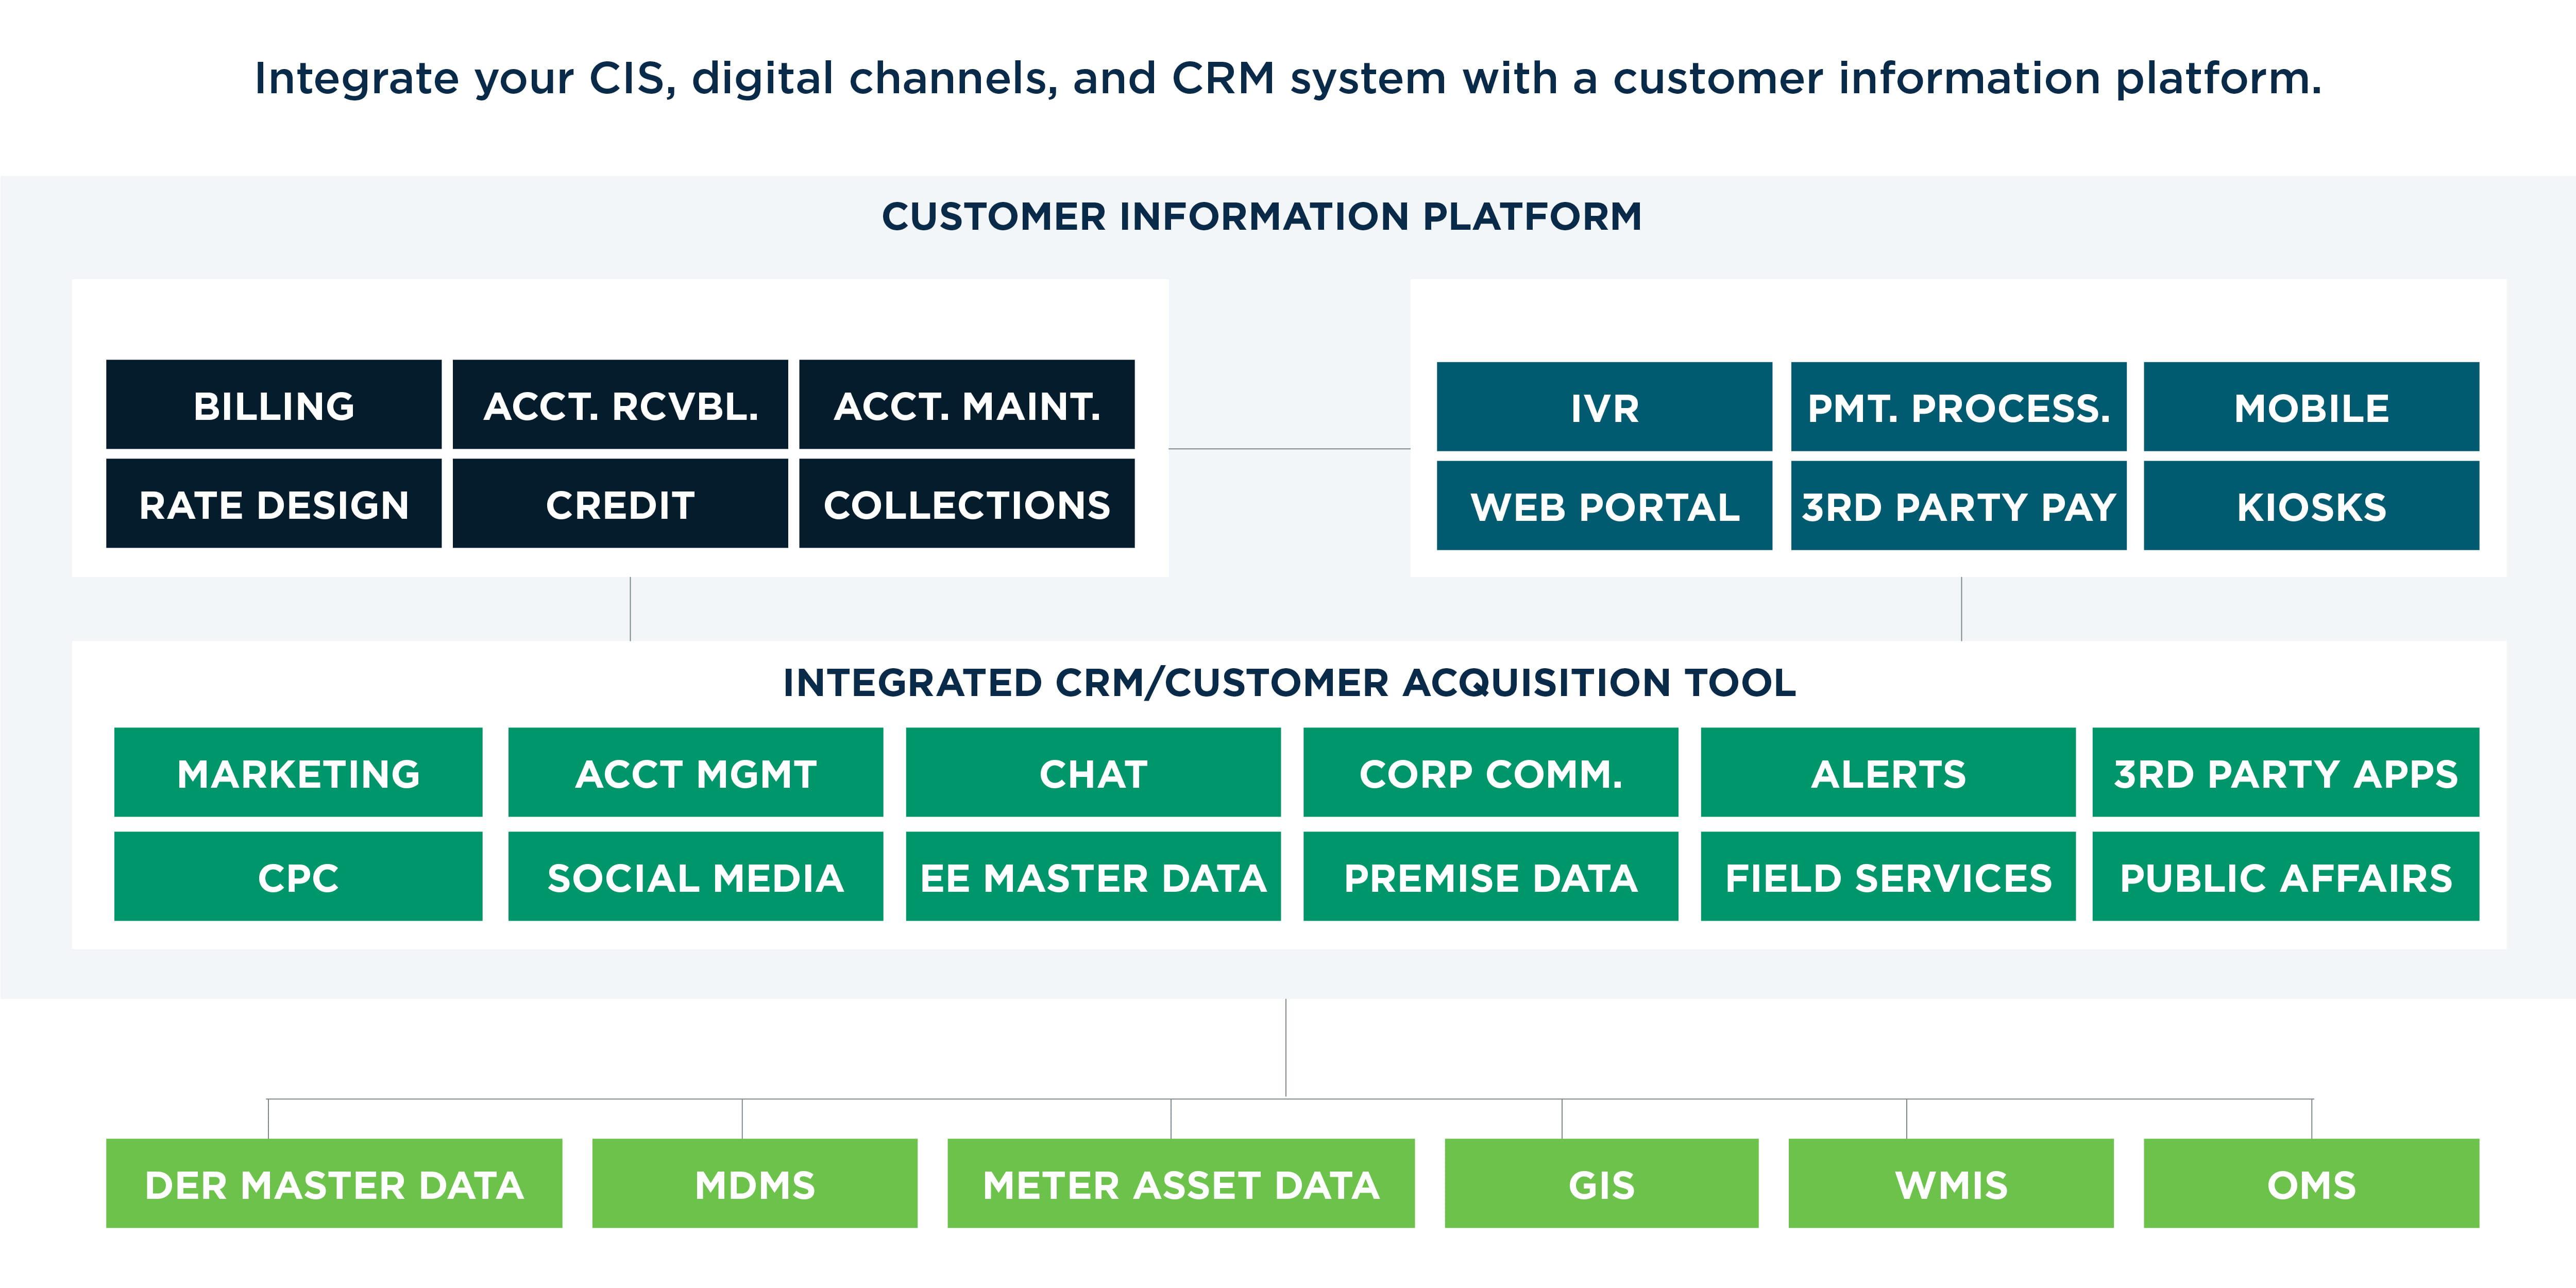 Customer information platform